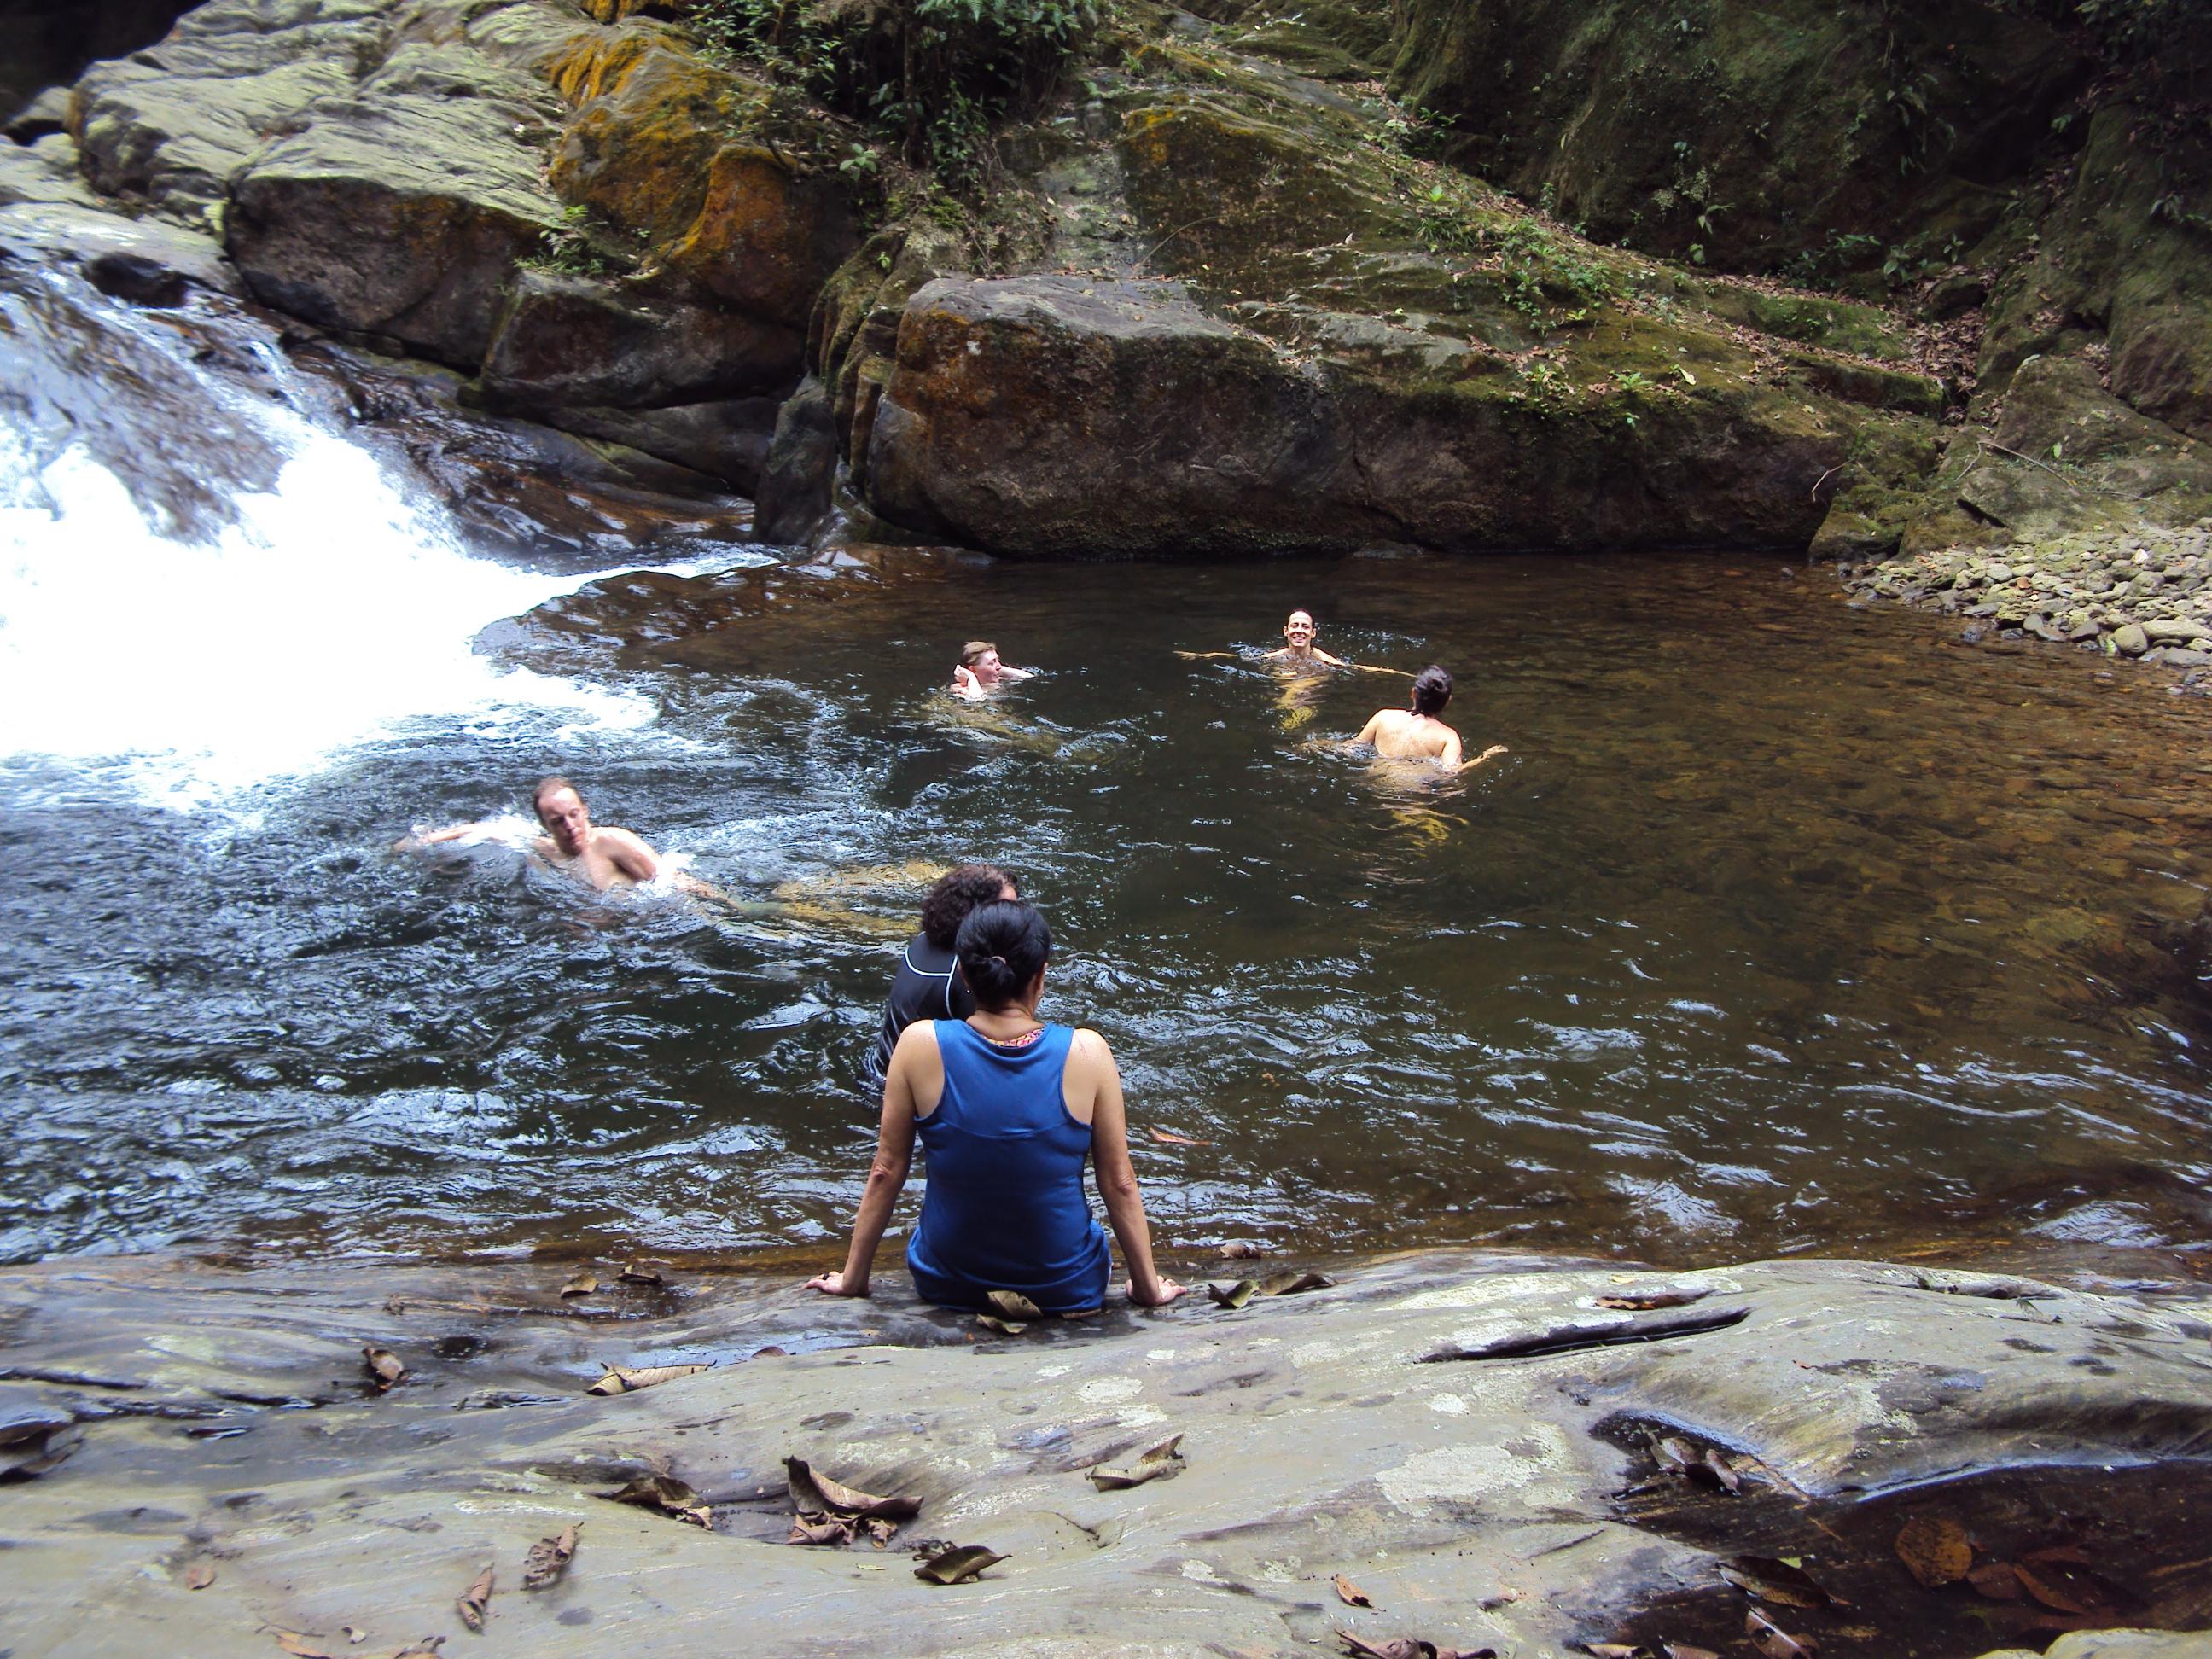 Vale das cachoeiras novembro 2014 022.jpg